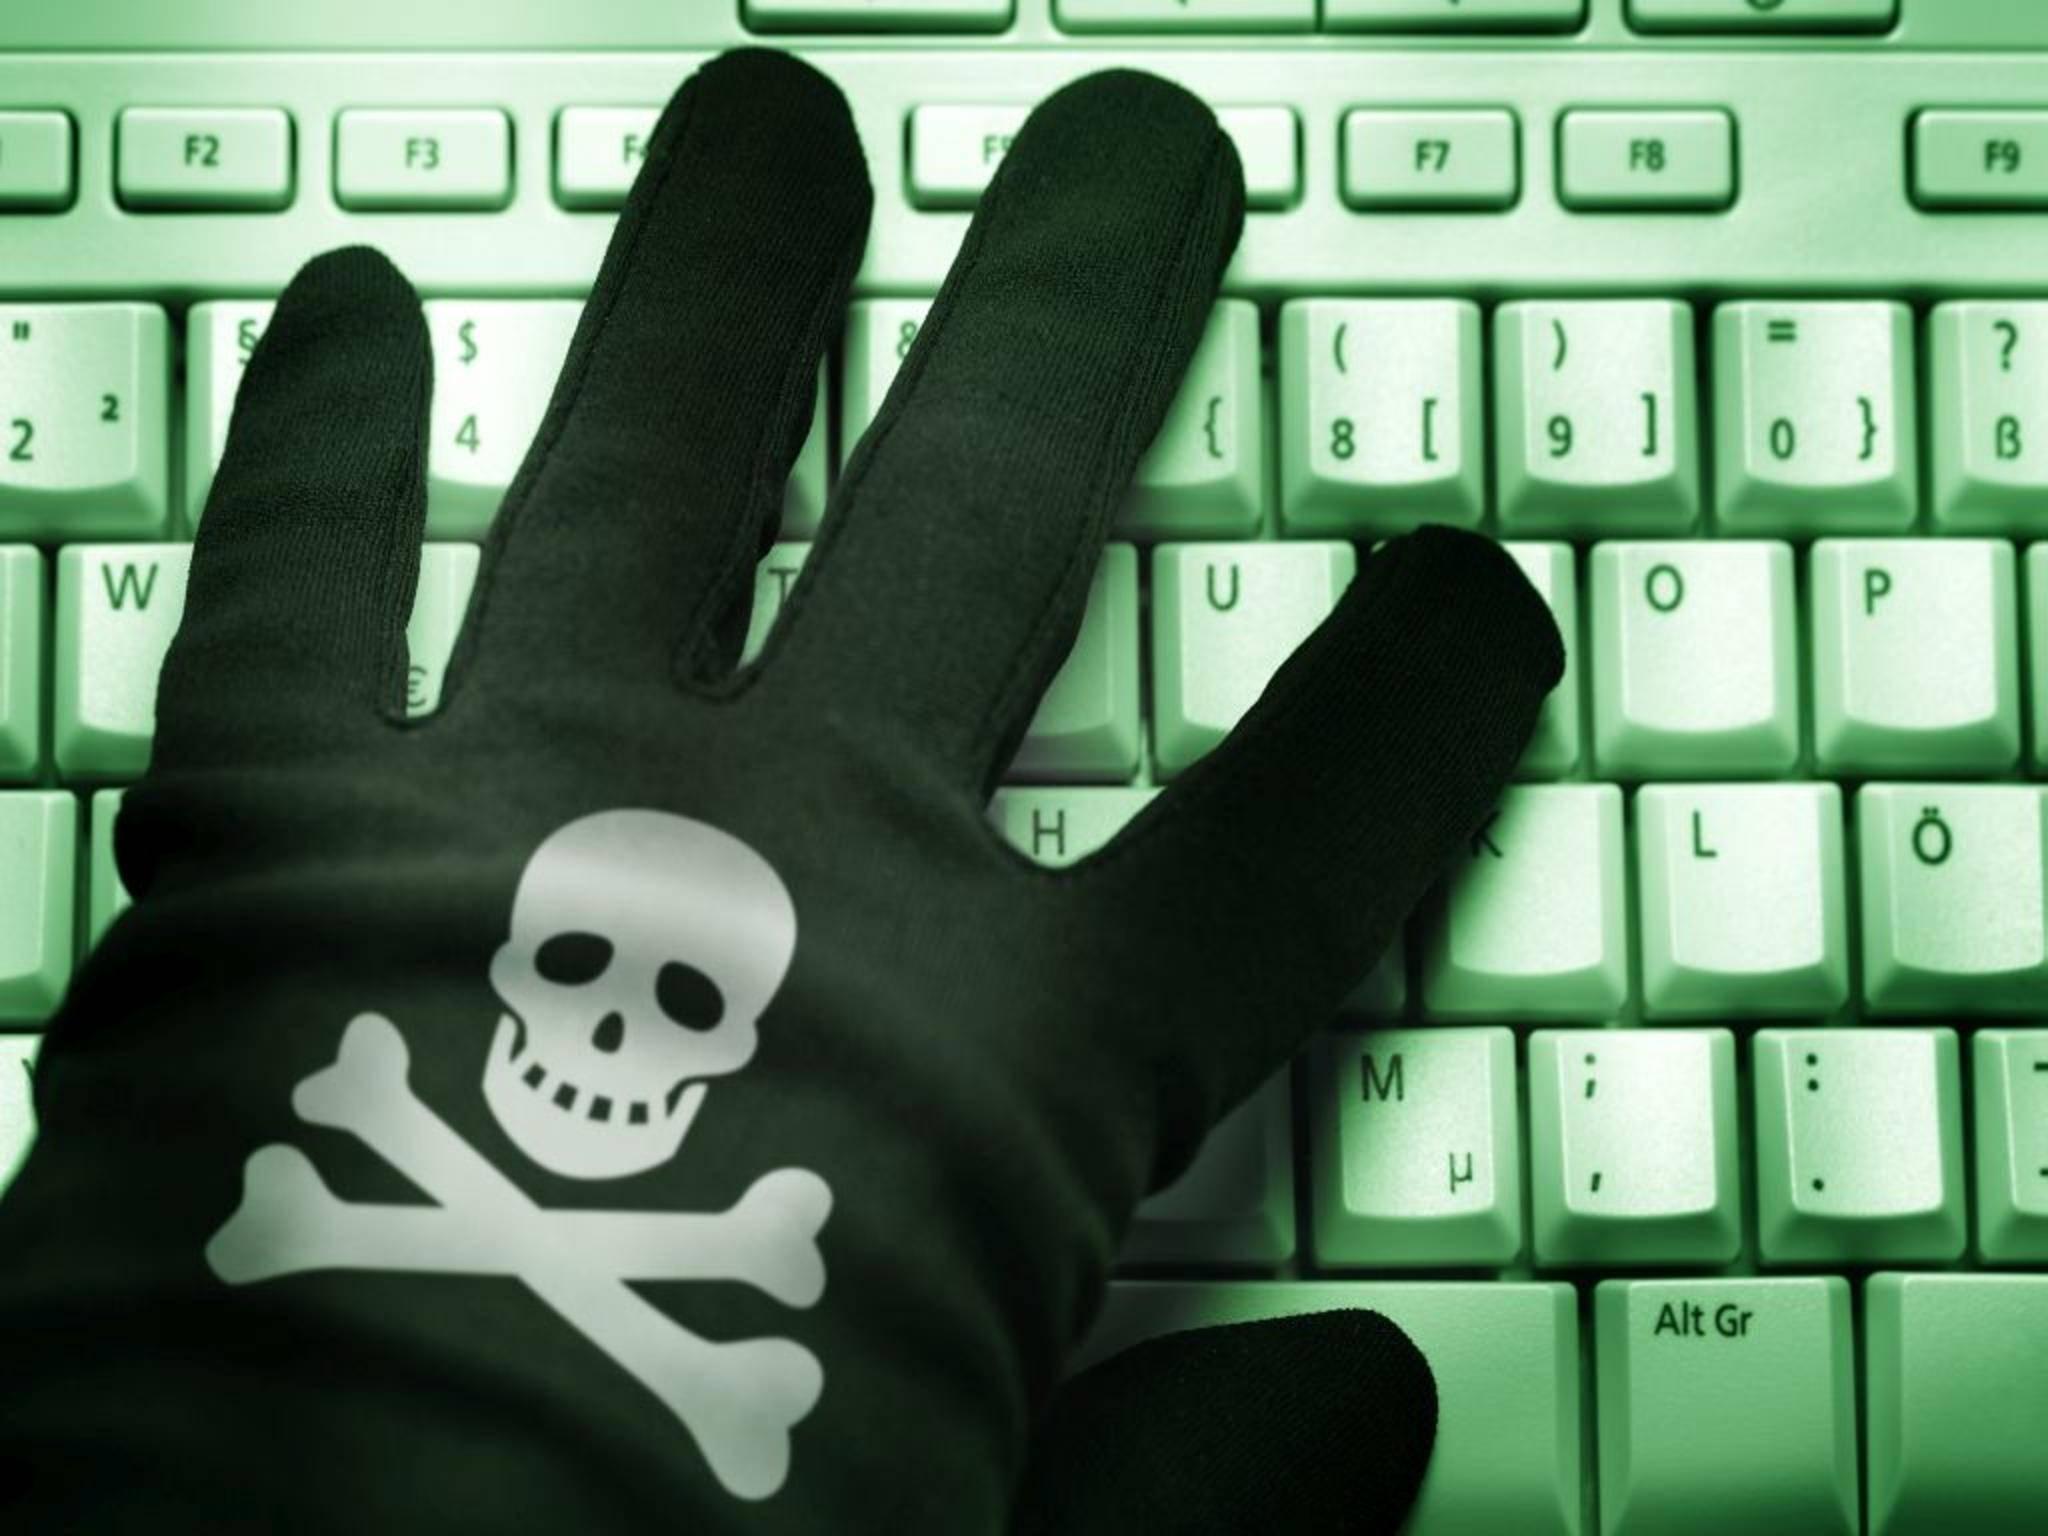 Hacker-Angriff: Die Attacken auf Sony sollen fortgesetzt werden.